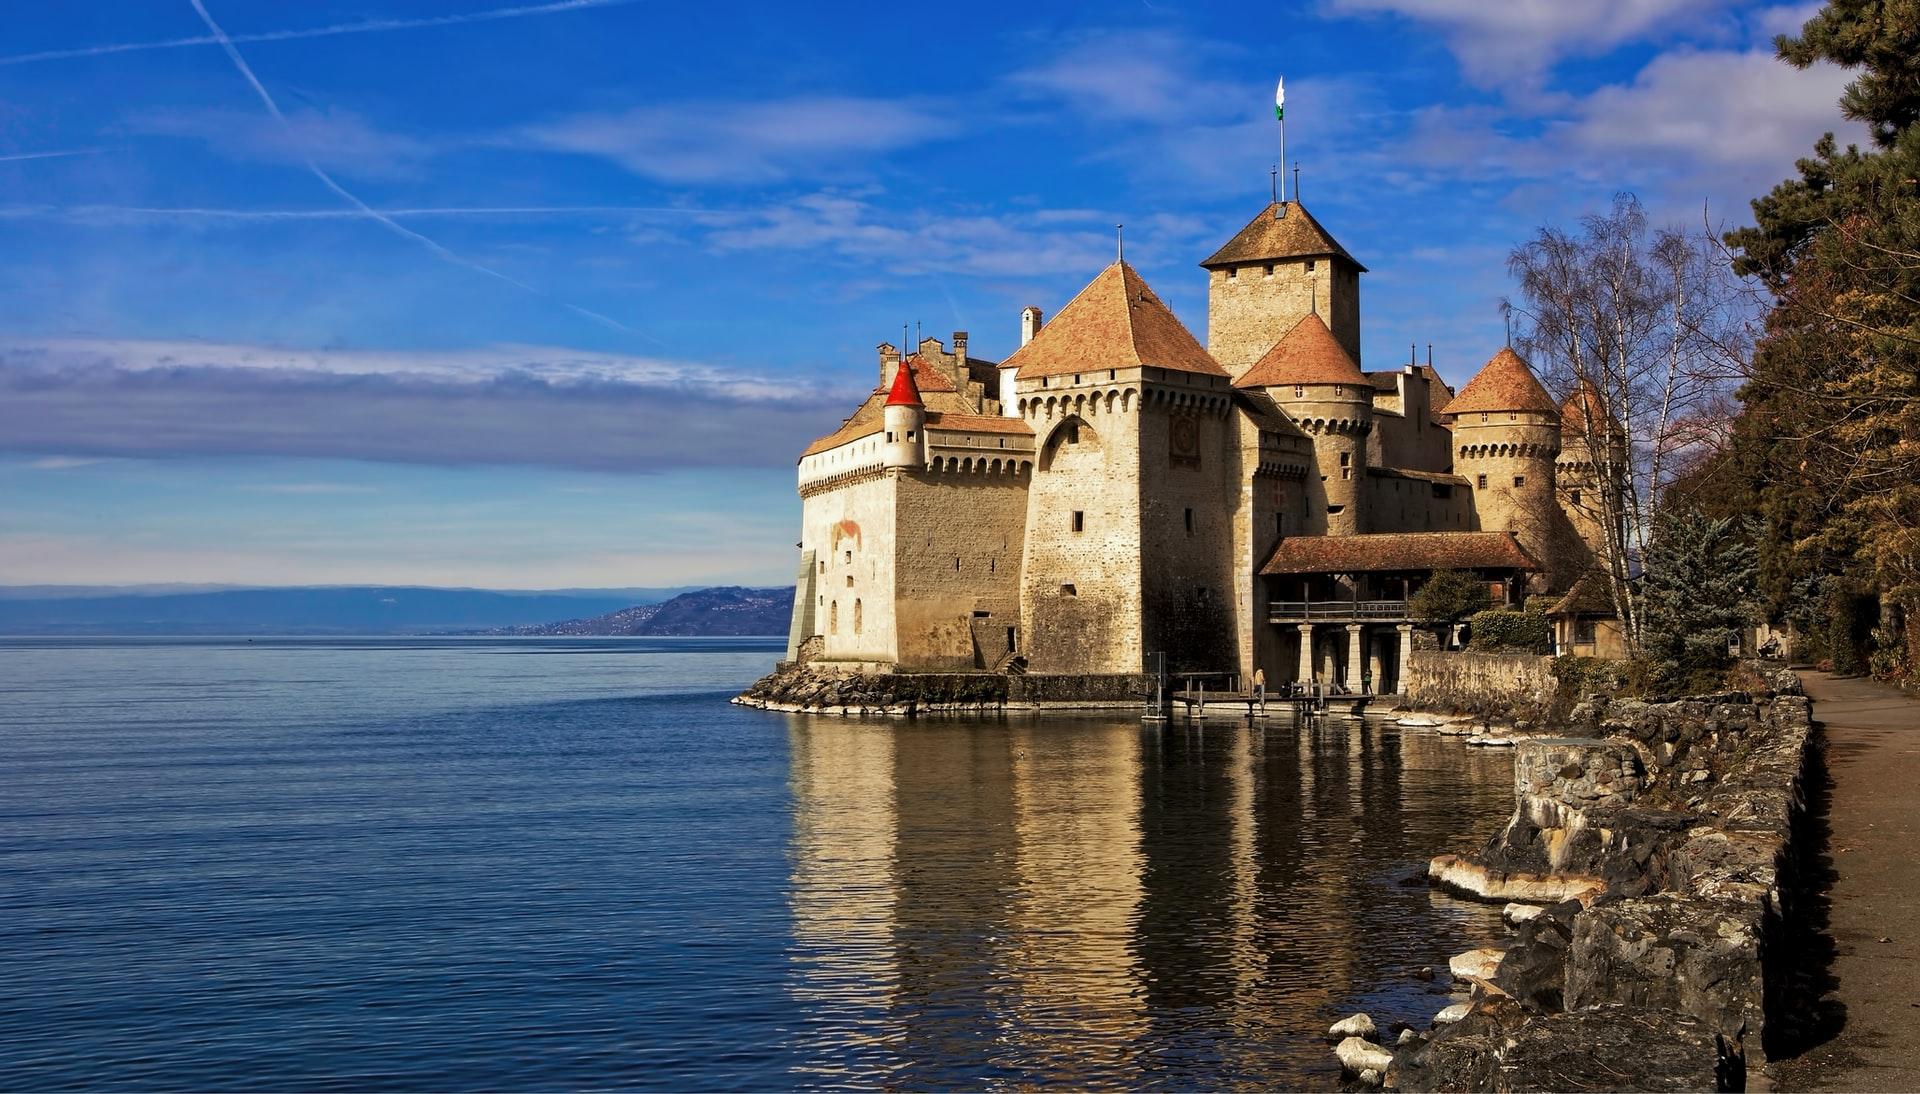 château de chillon veytaux suisse genève balade romantique saint valentin